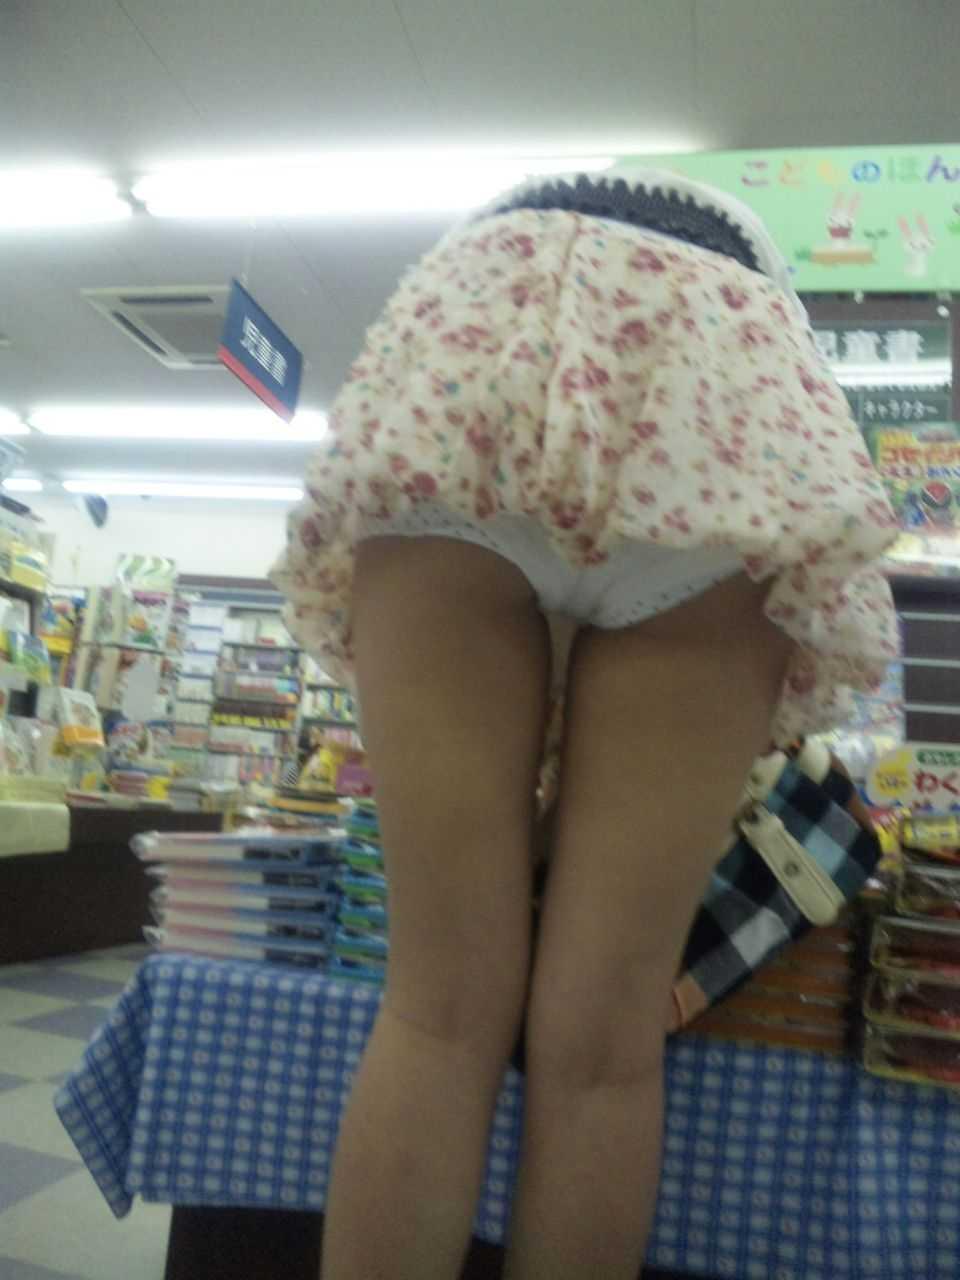 ミニスカートから下着がモロに見えてる素人さん (7)